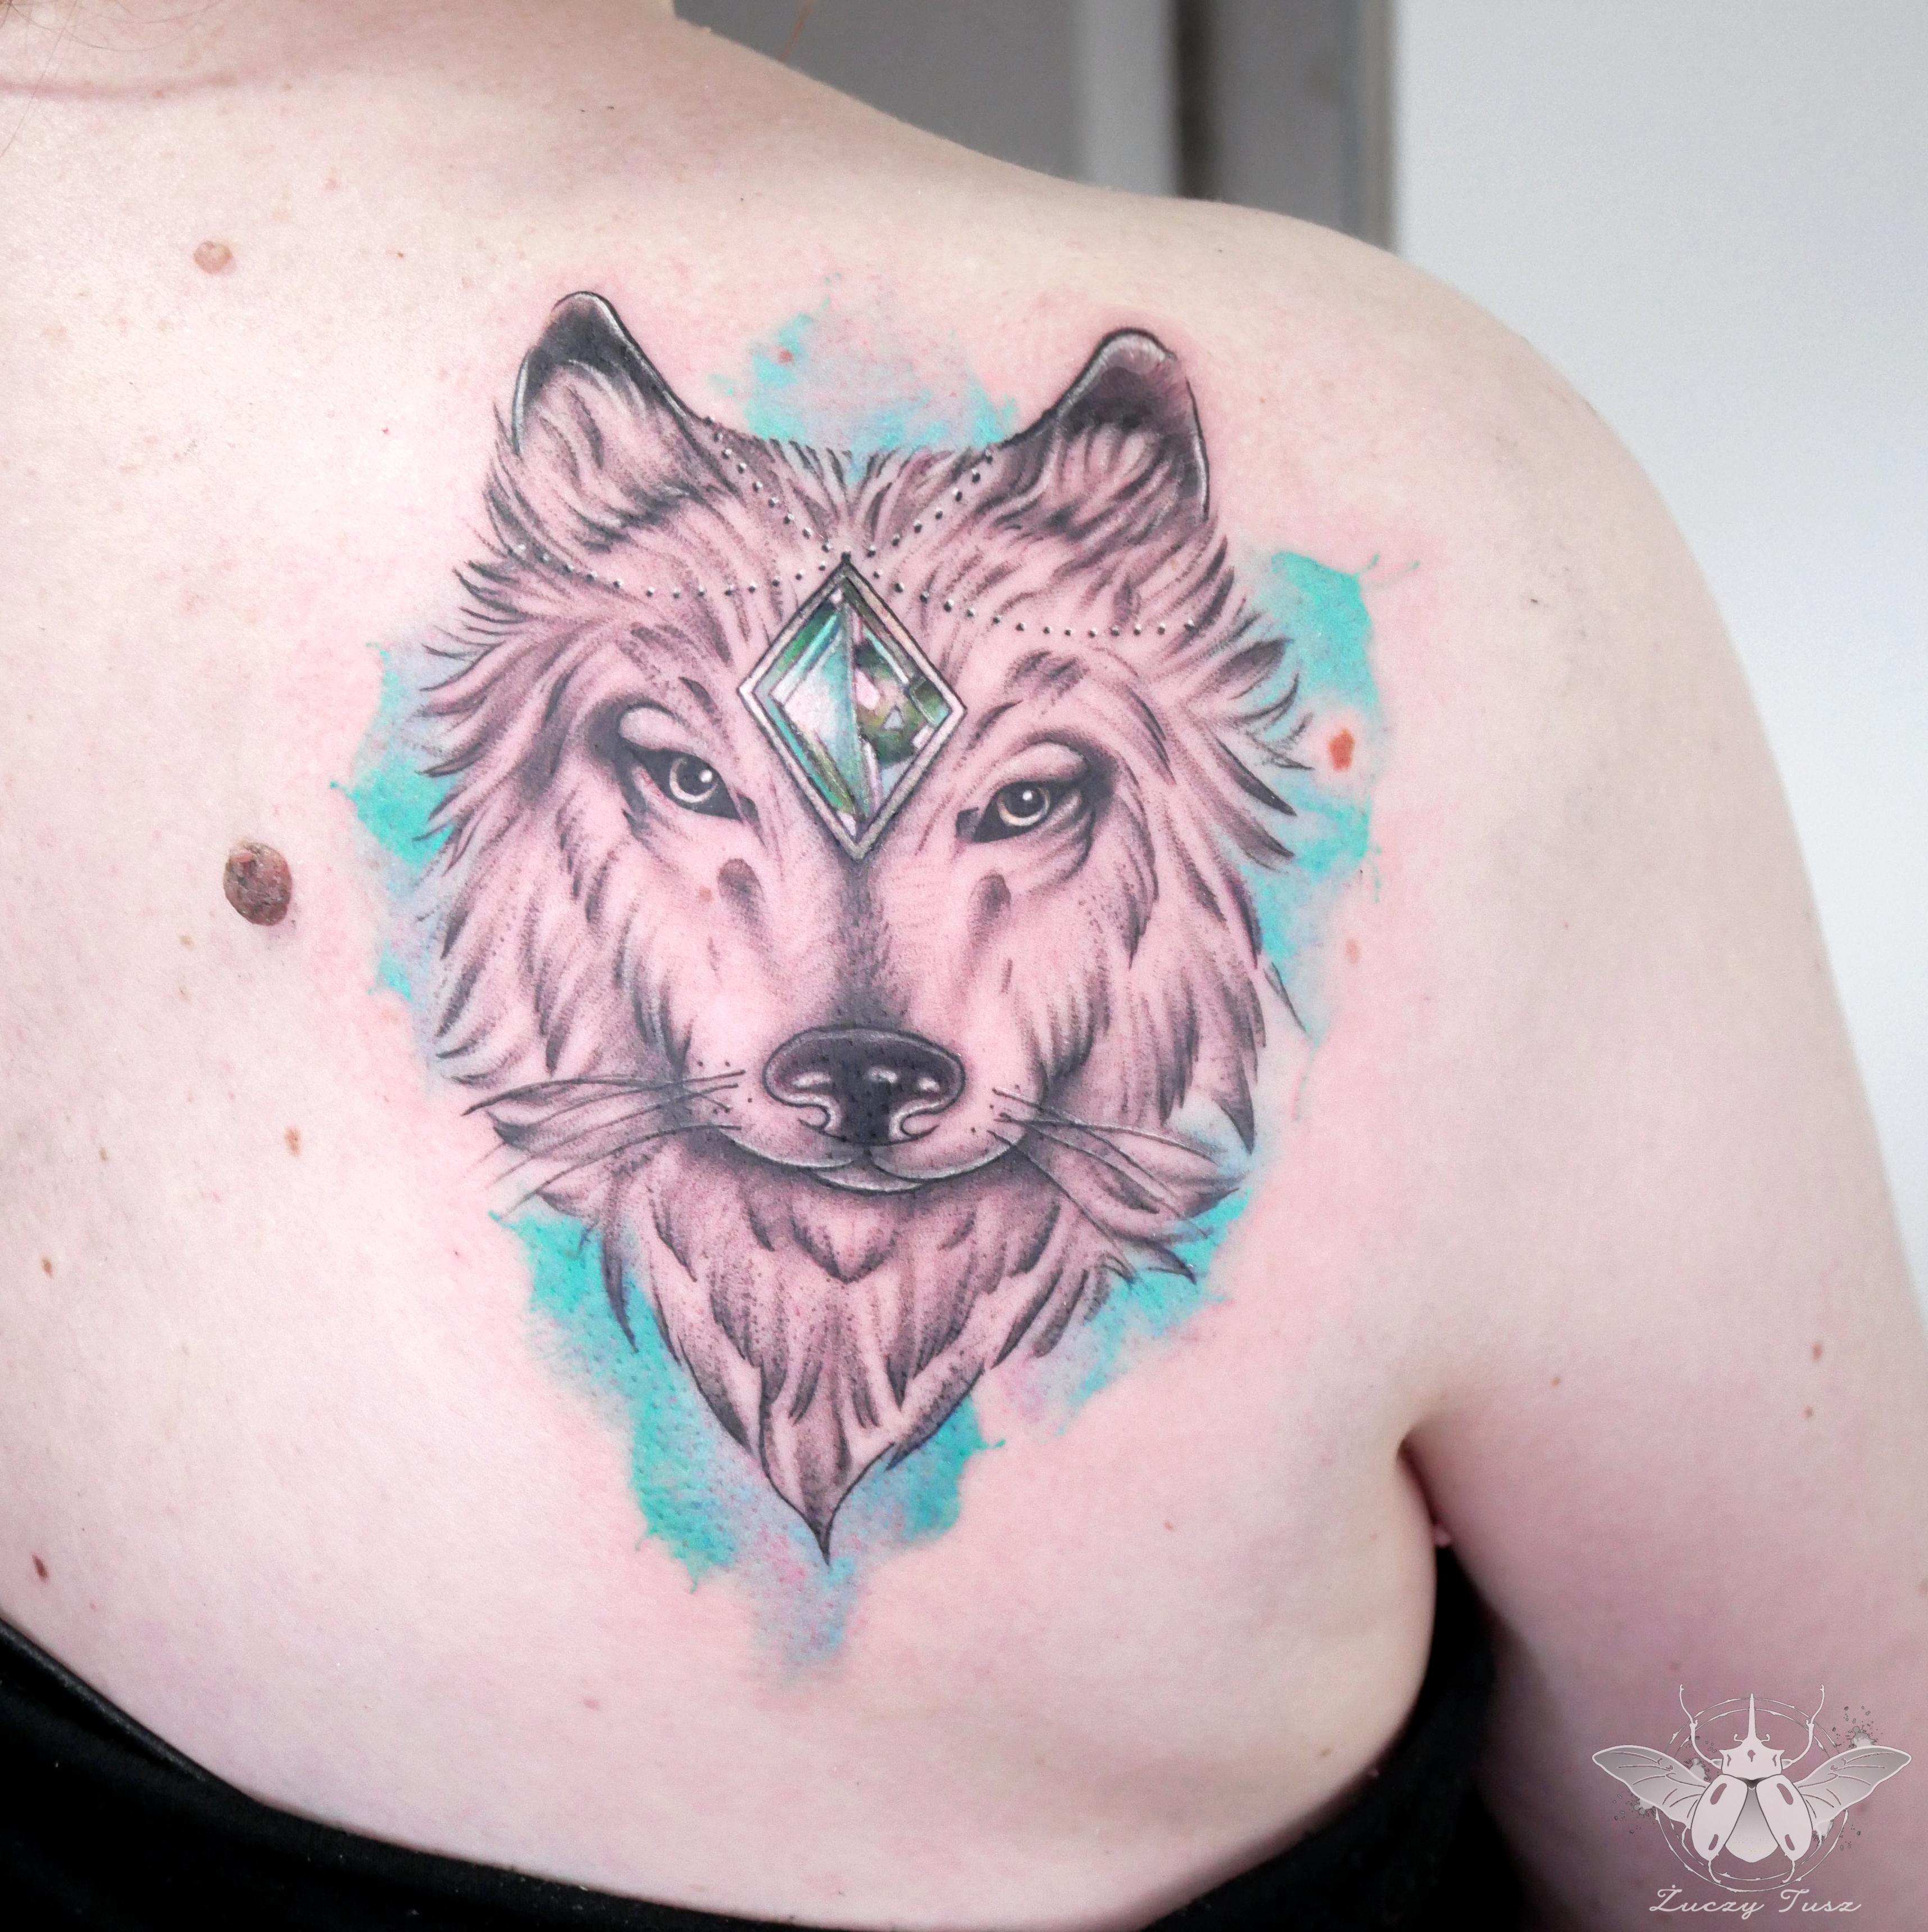 Inksearch tattoo Żuczy Tusz